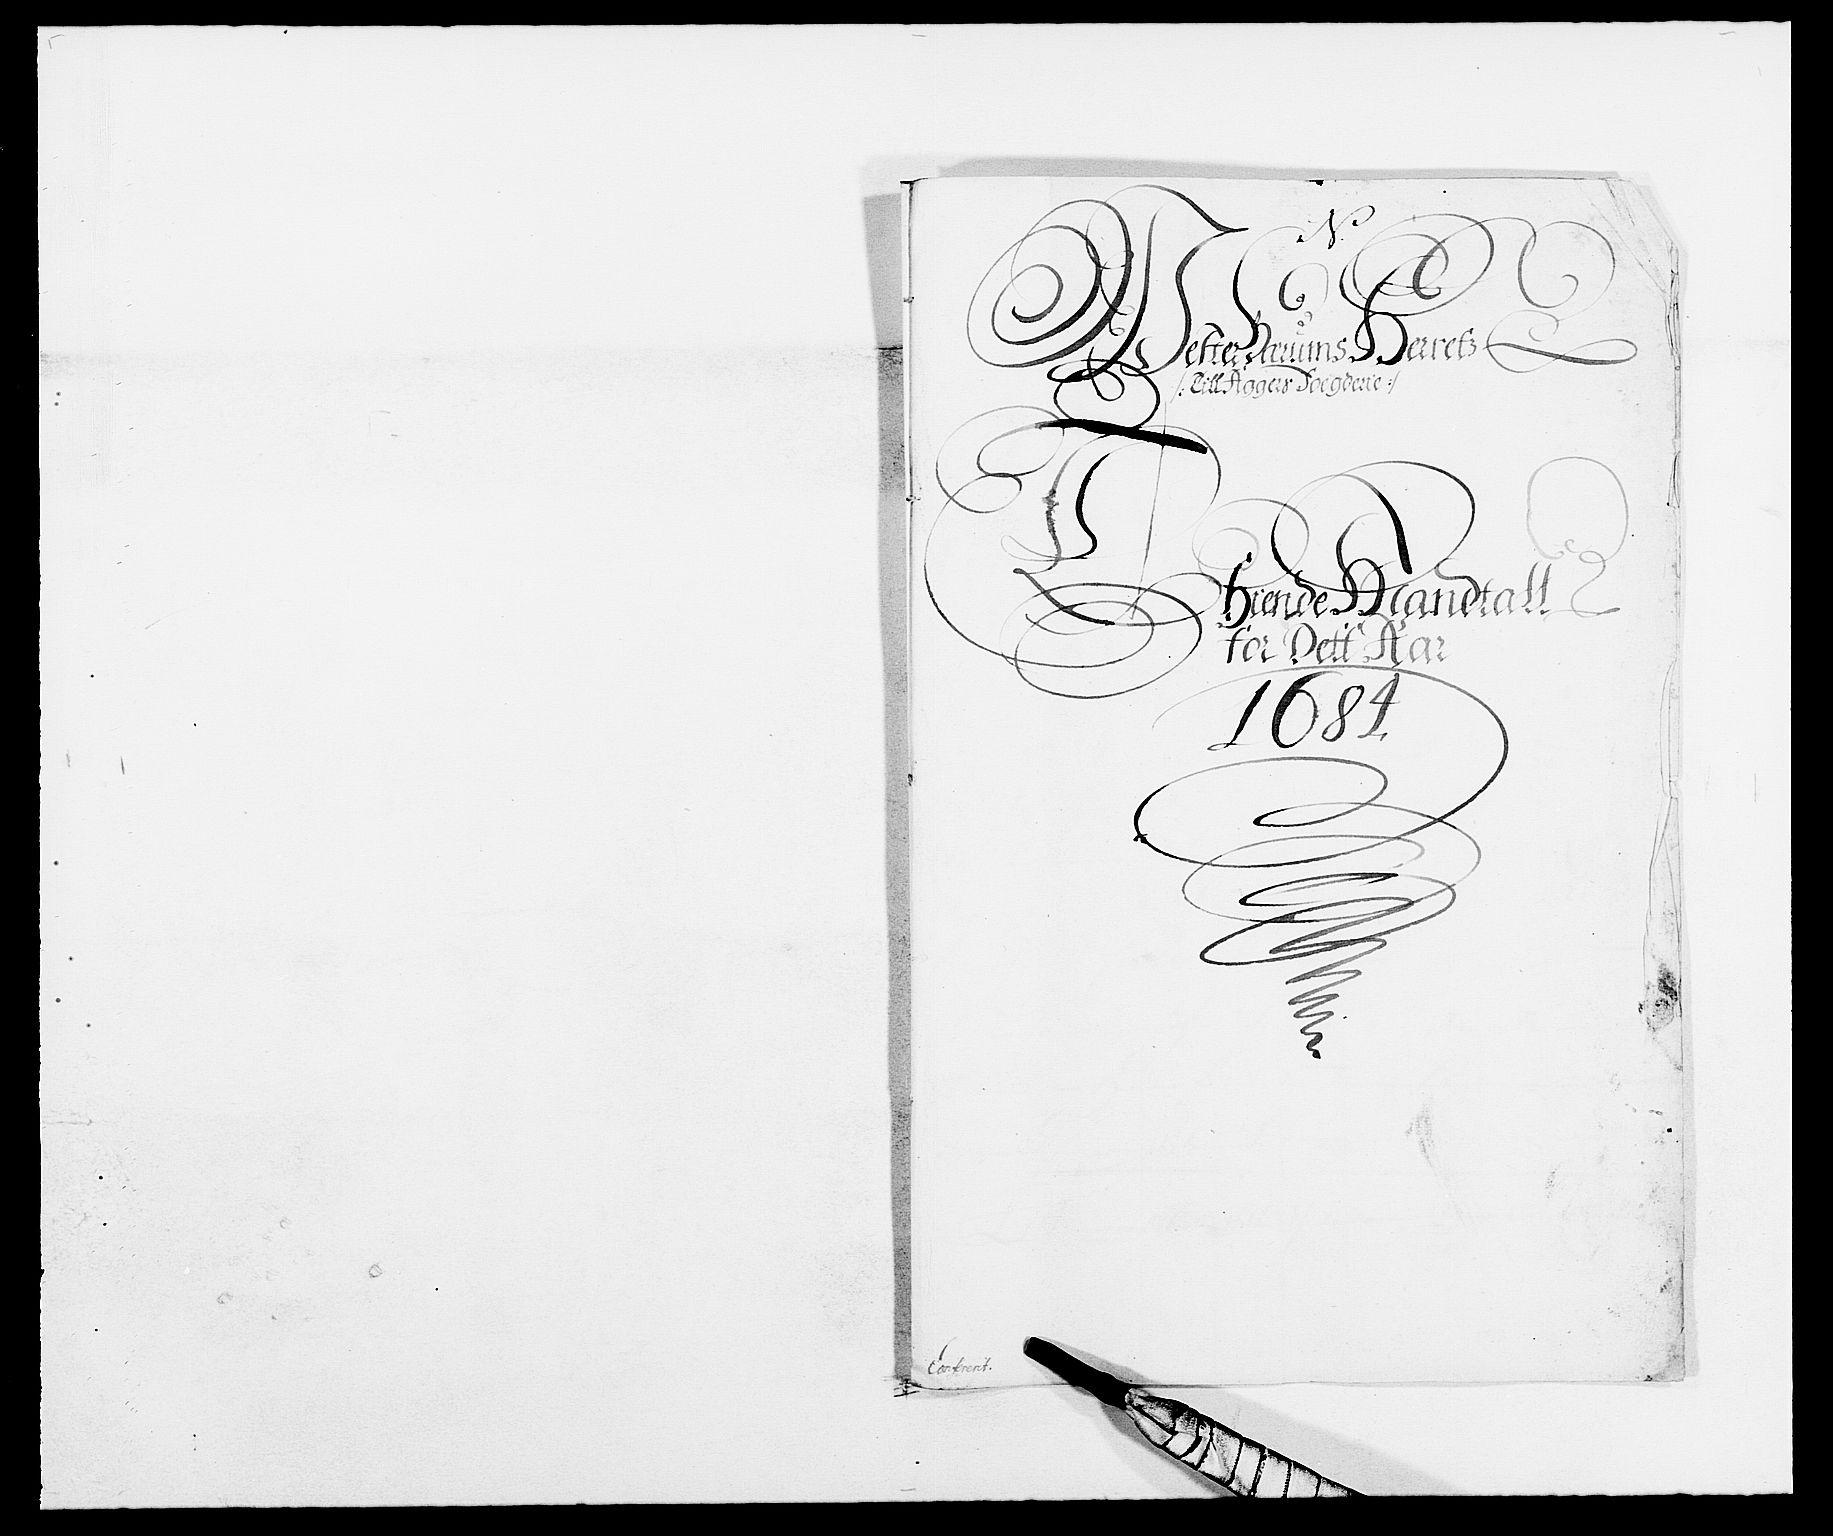 RA, Rentekammeret inntil 1814, Reviderte regnskaper, Fogderegnskap, R08/L0421: Fogderegnskap Aker, 1682-1683, s. 16